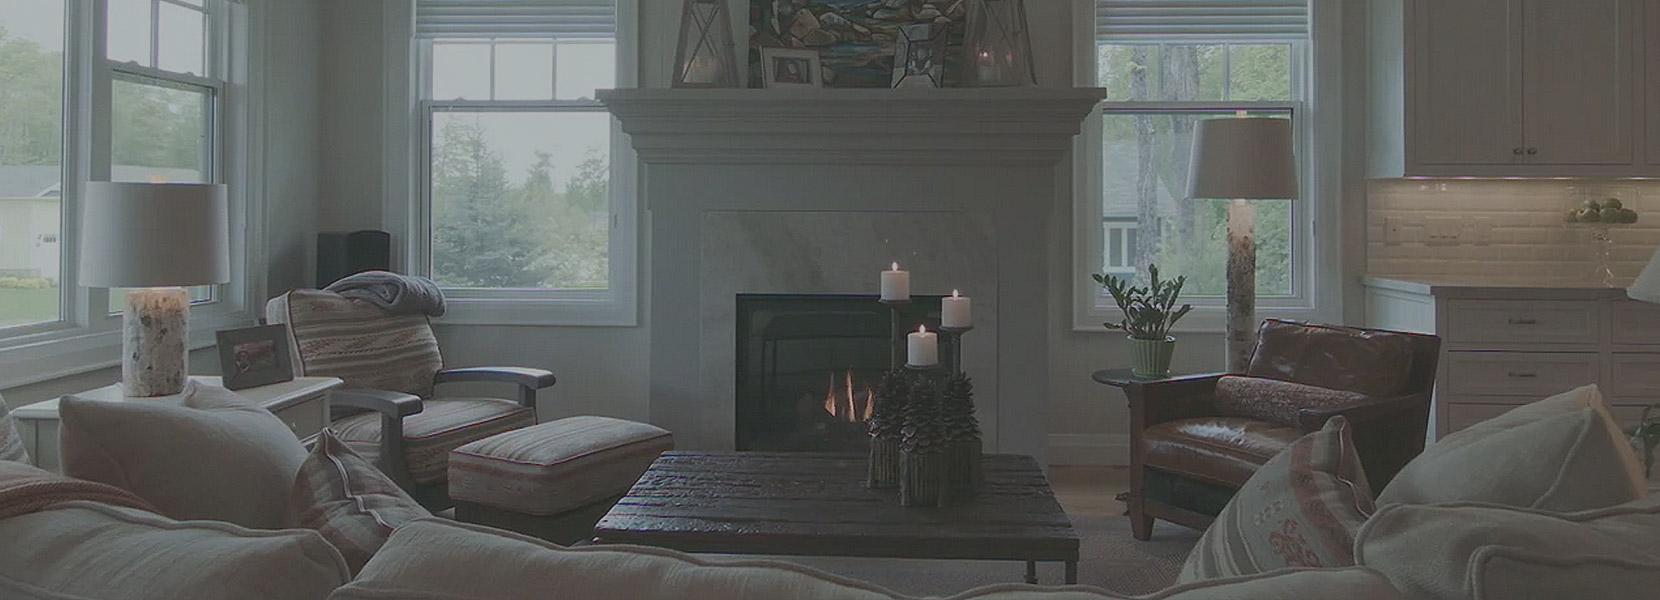 home-slider-003